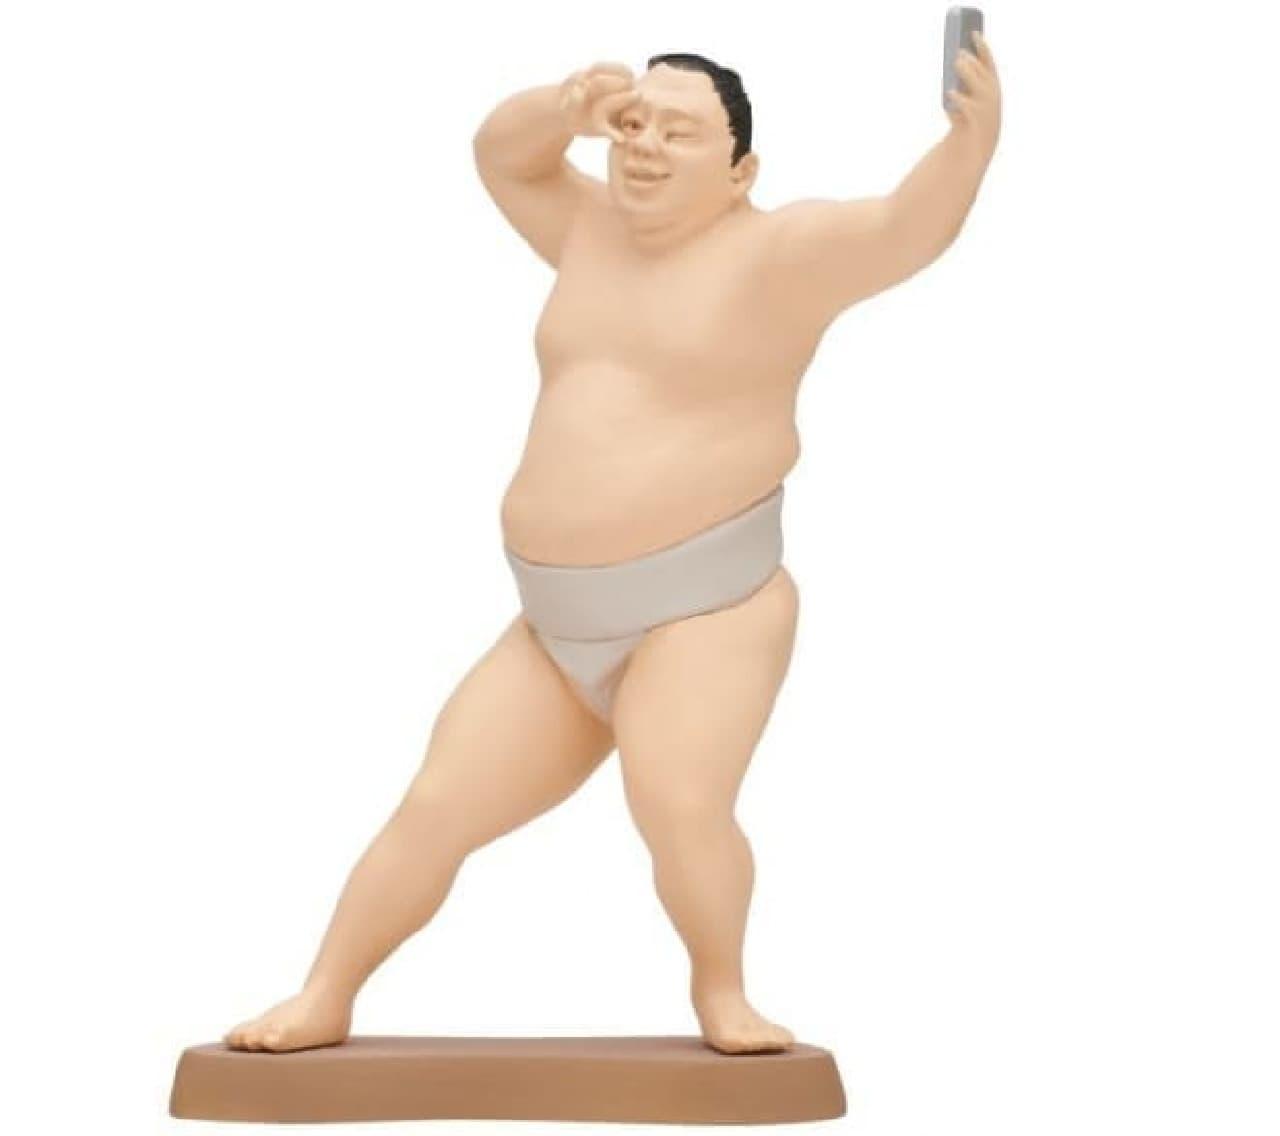 カプセルトイ「大相撲のフィギュア」